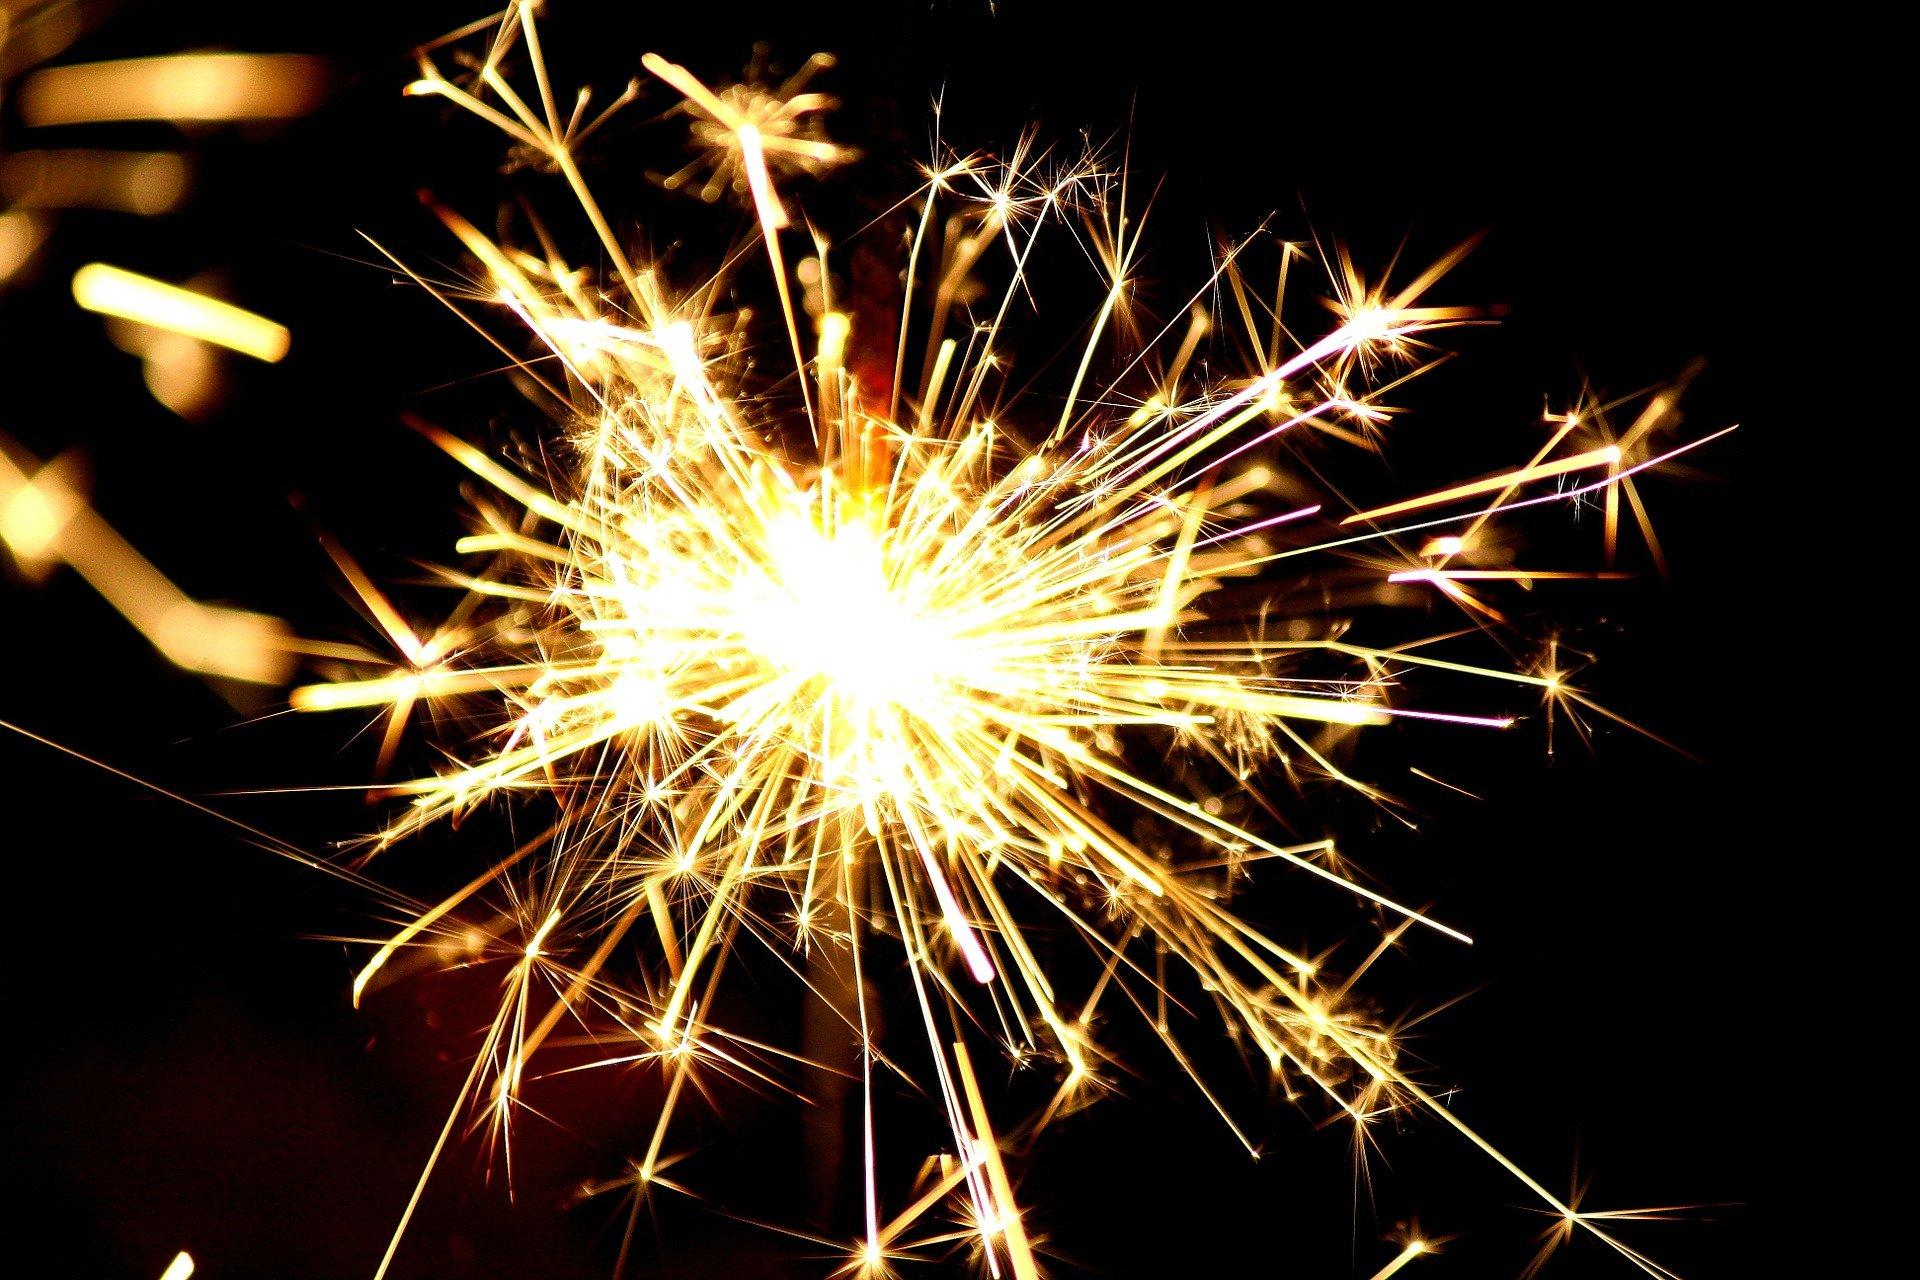 Ein frohes und gesegnetes Neues Jahr